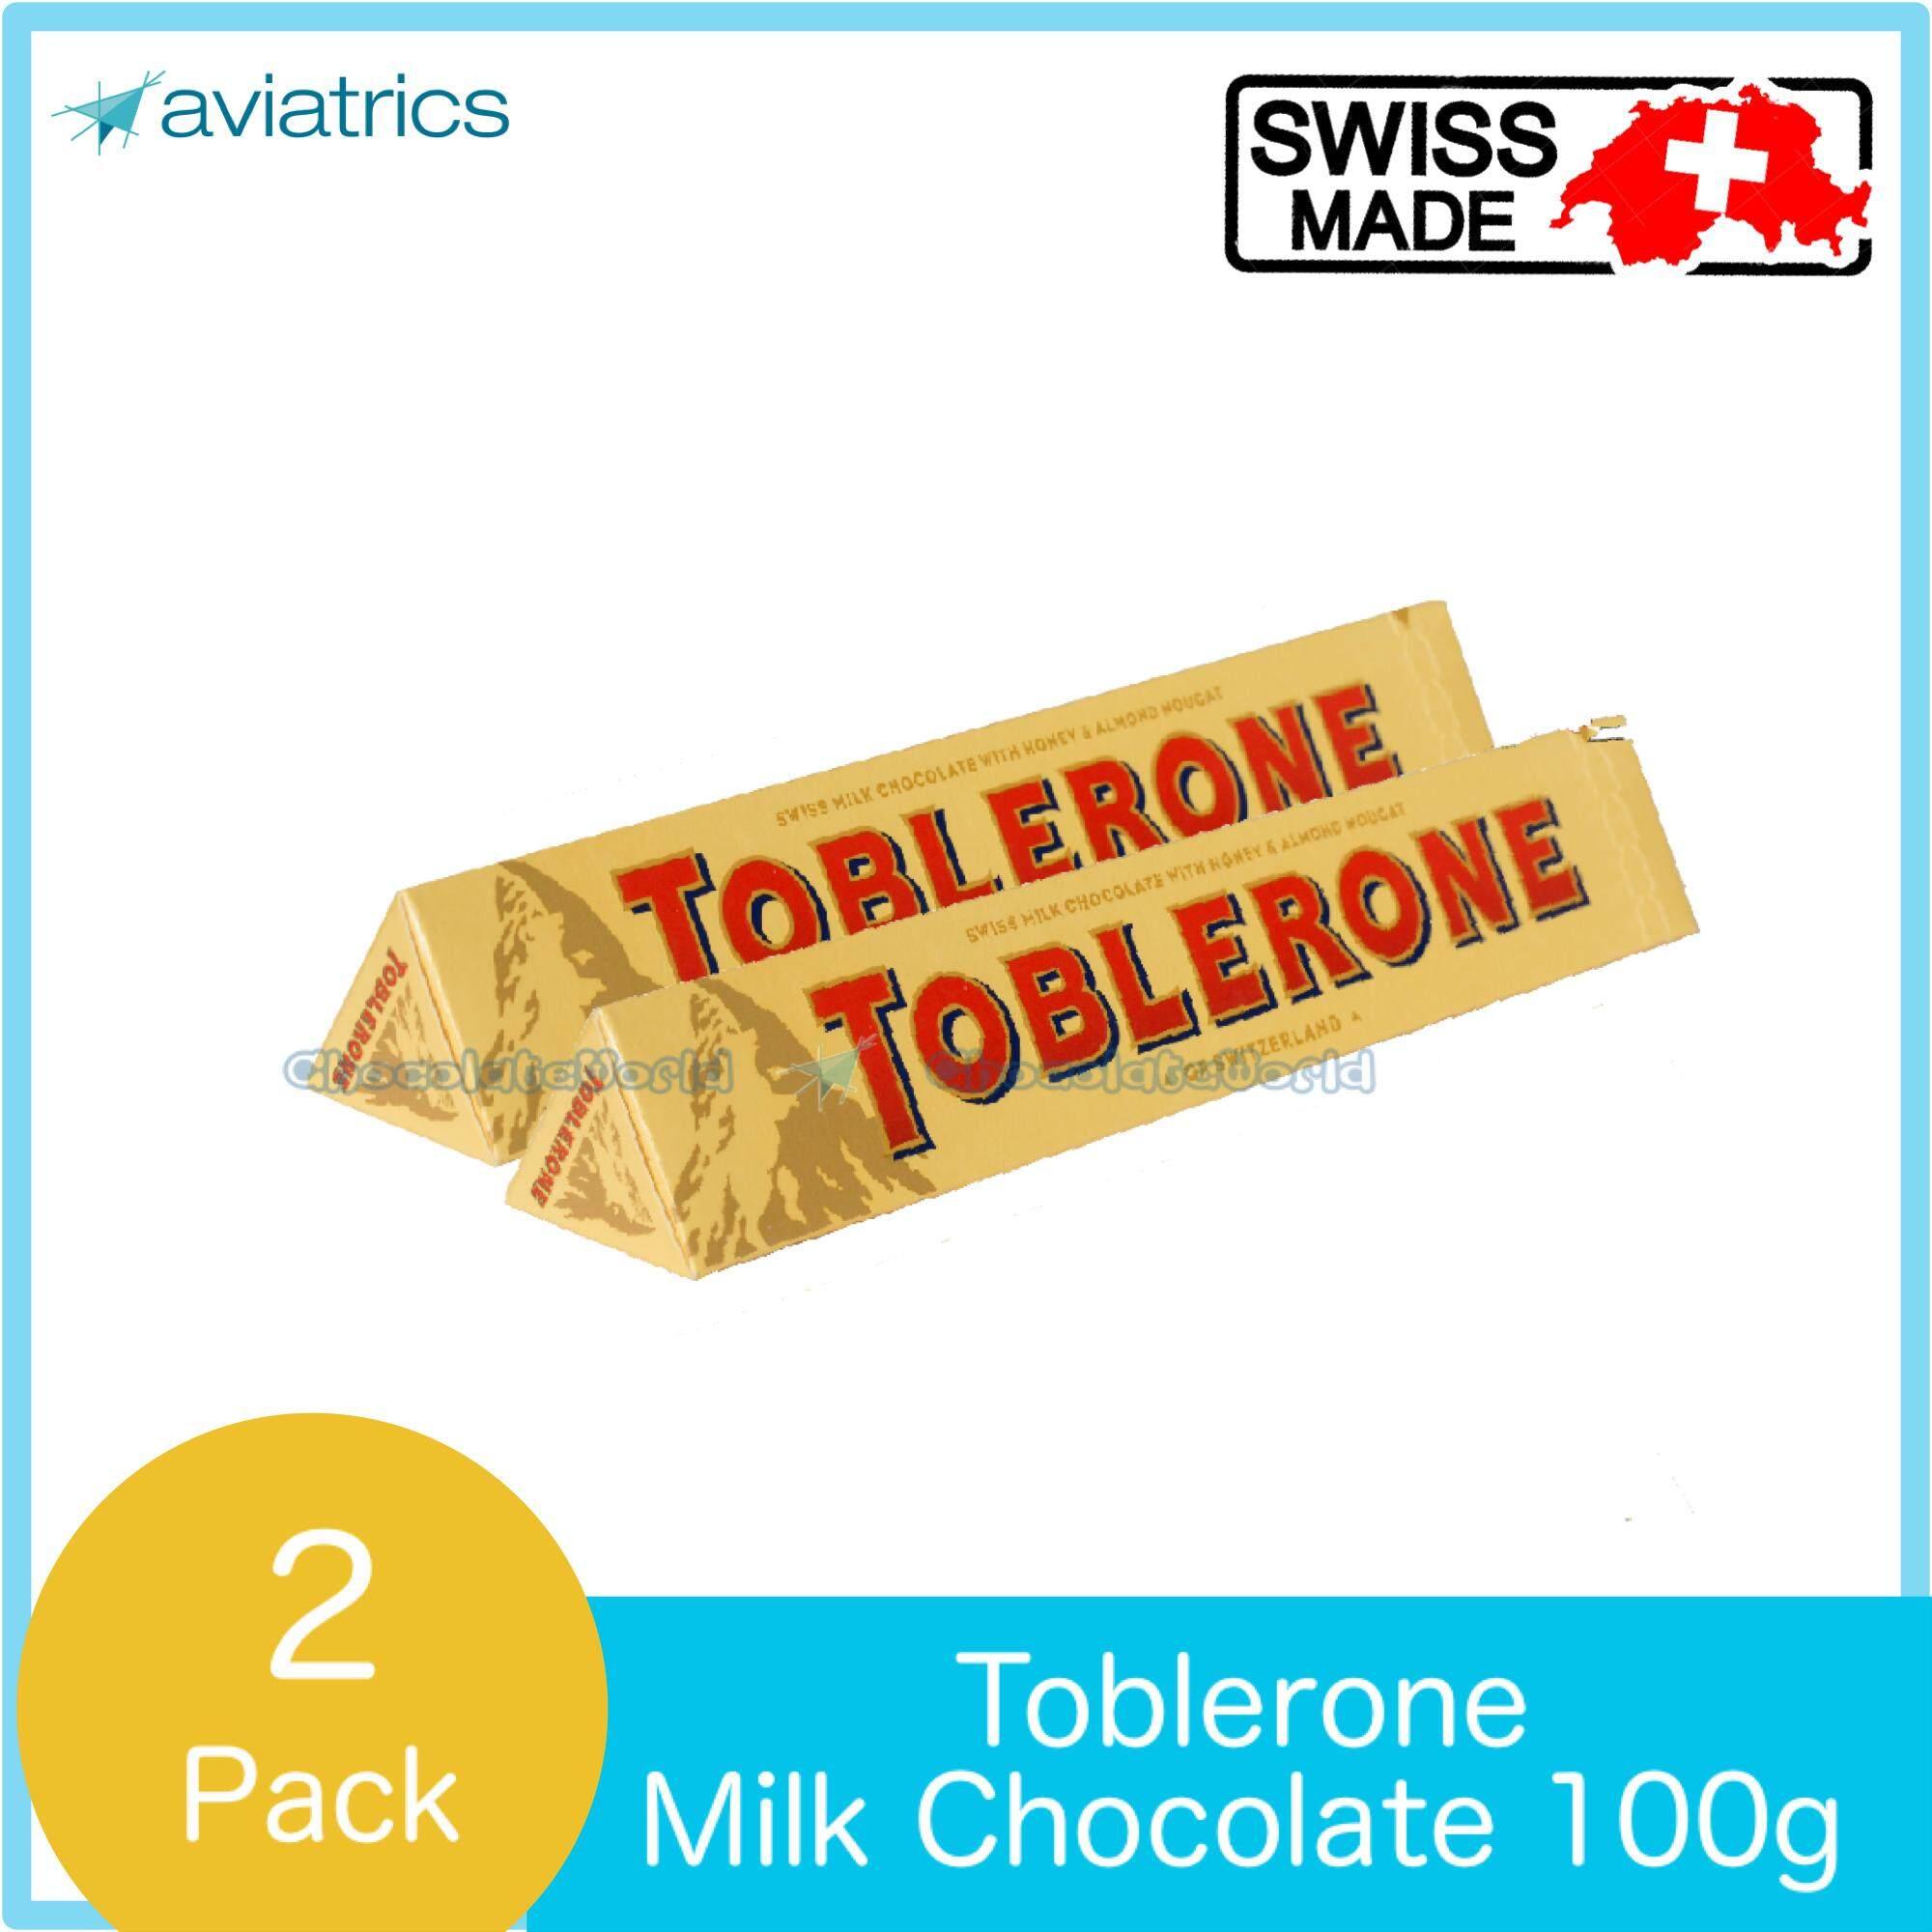 Ovaltine Swiss 1 Kg Daftar Harga Terbaru Dan Terlengkap Indonesia Coklat Malt Import Reg Bpom Ri Toblerone Chocolate Bar Original 100g X 2 Made